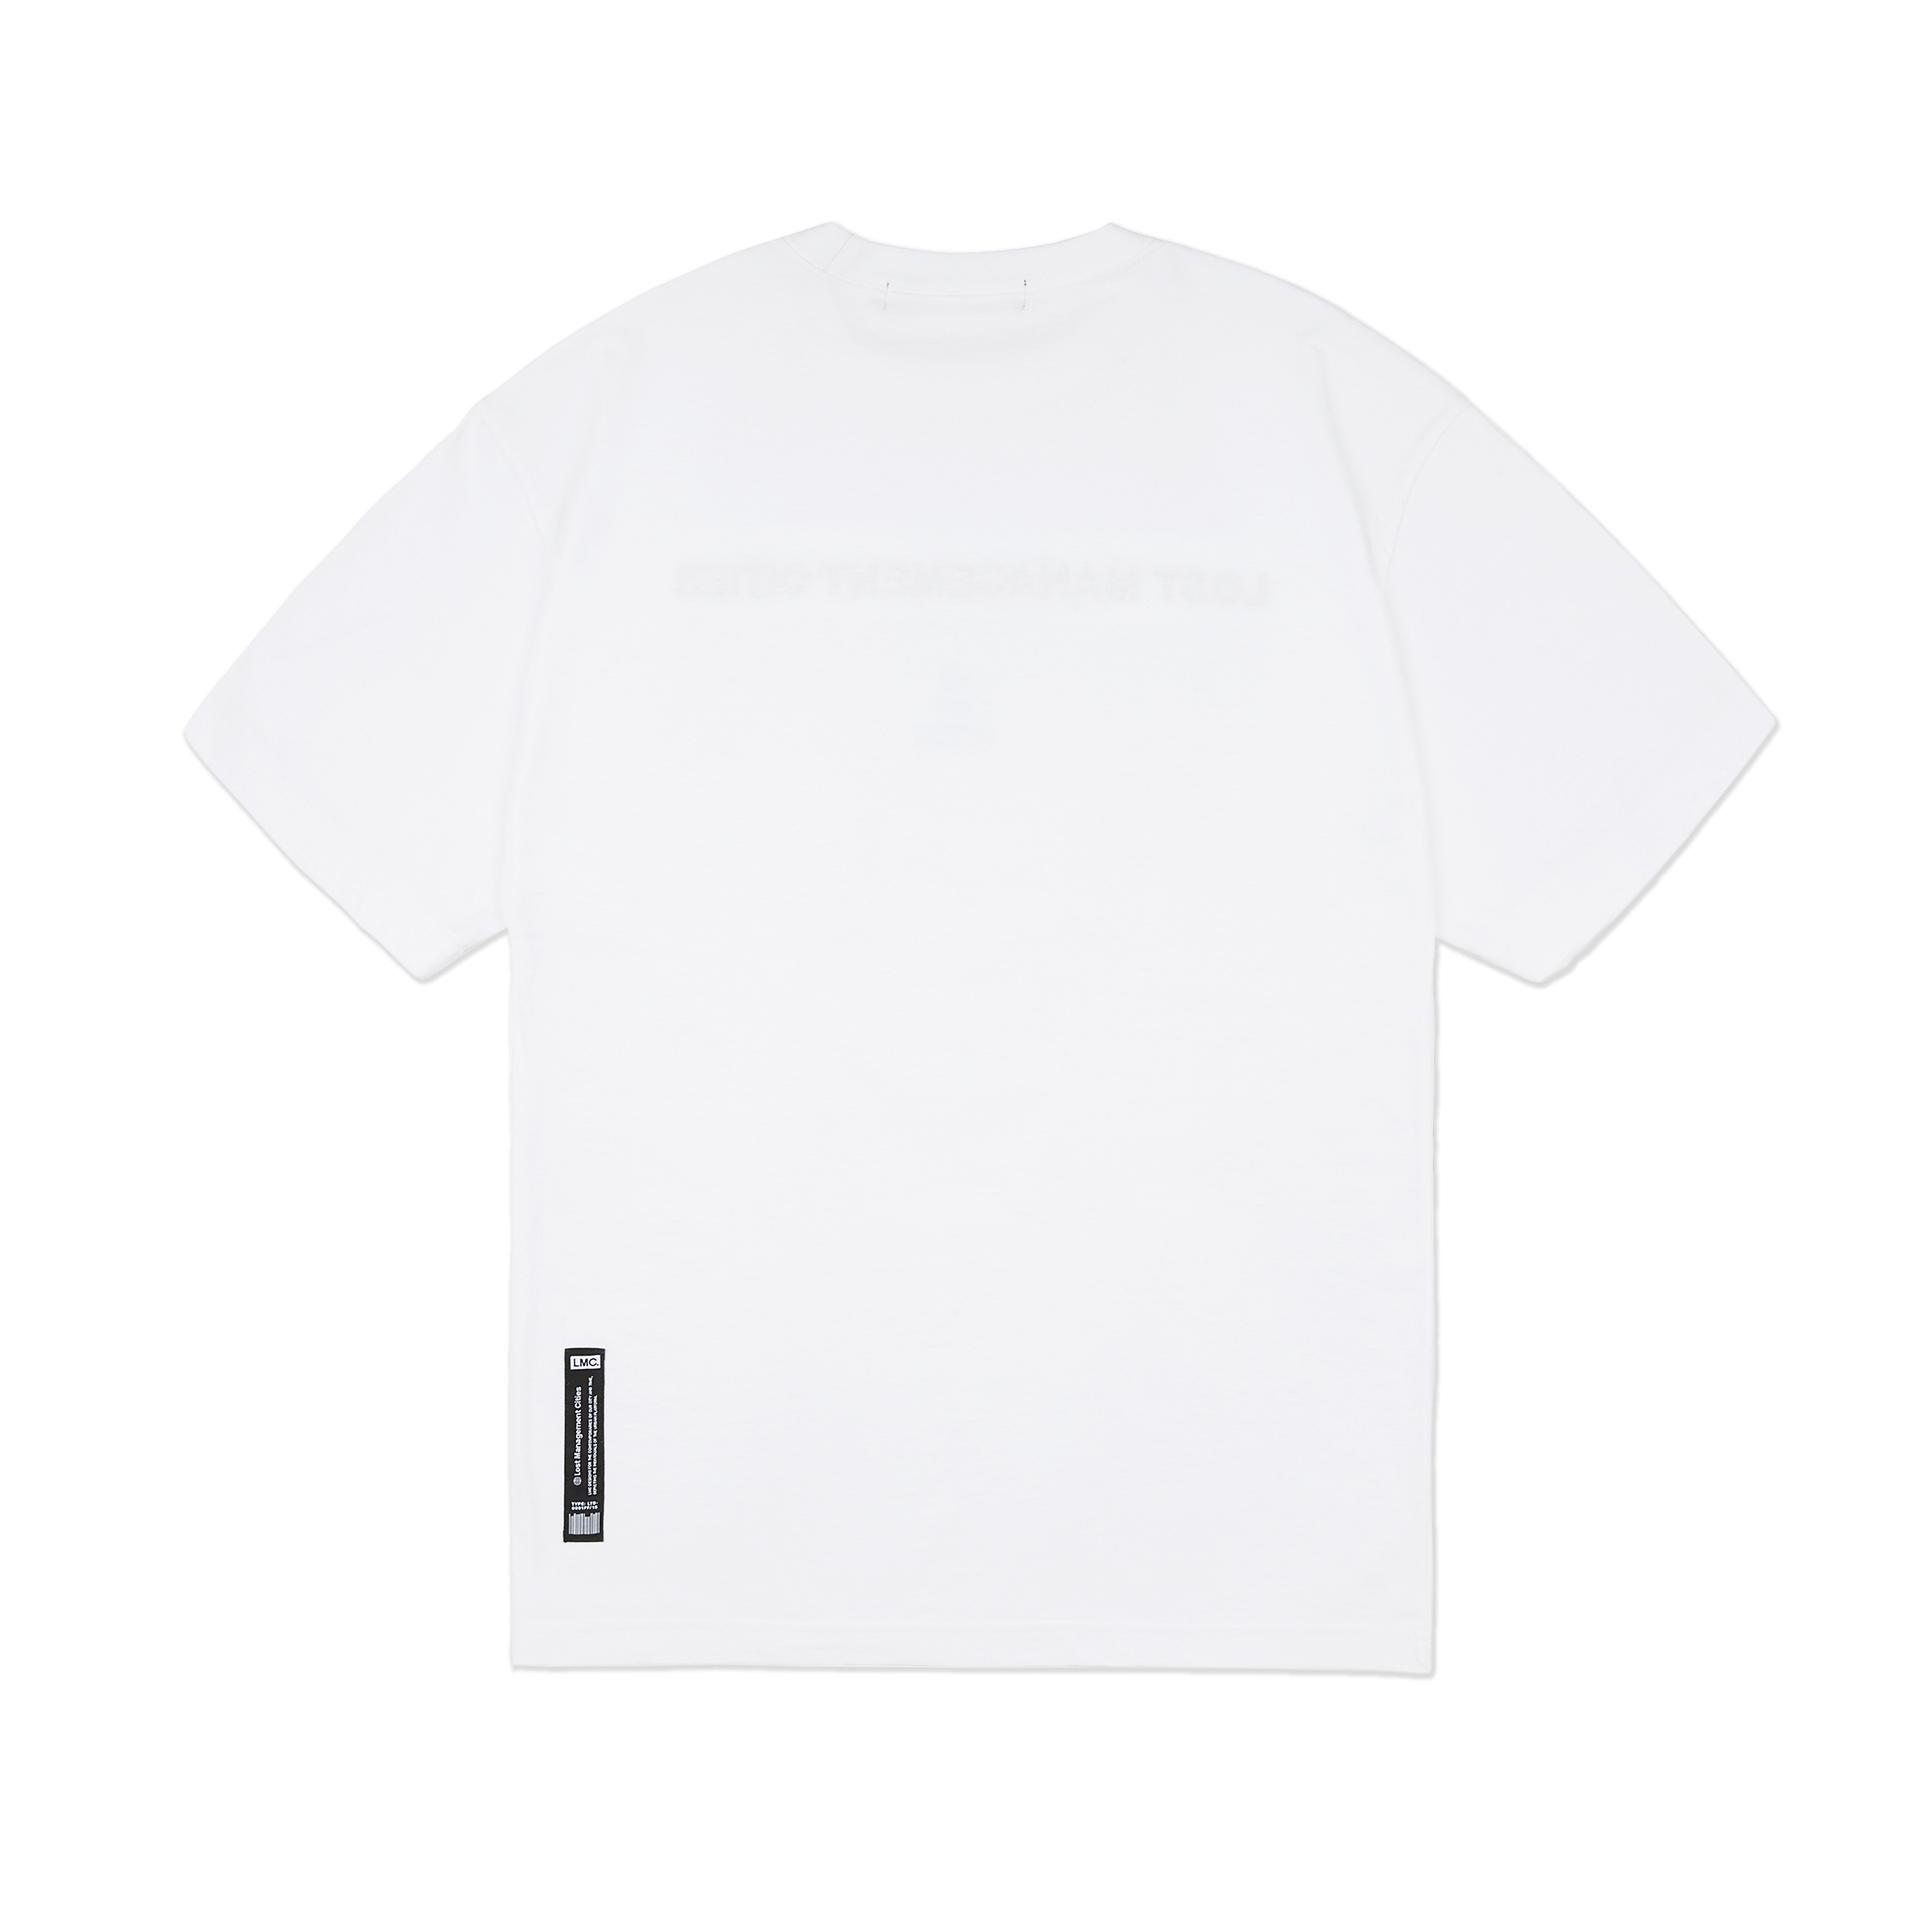 엘엠씨(LMC) LMC CAPITAL FN EMB TEE white